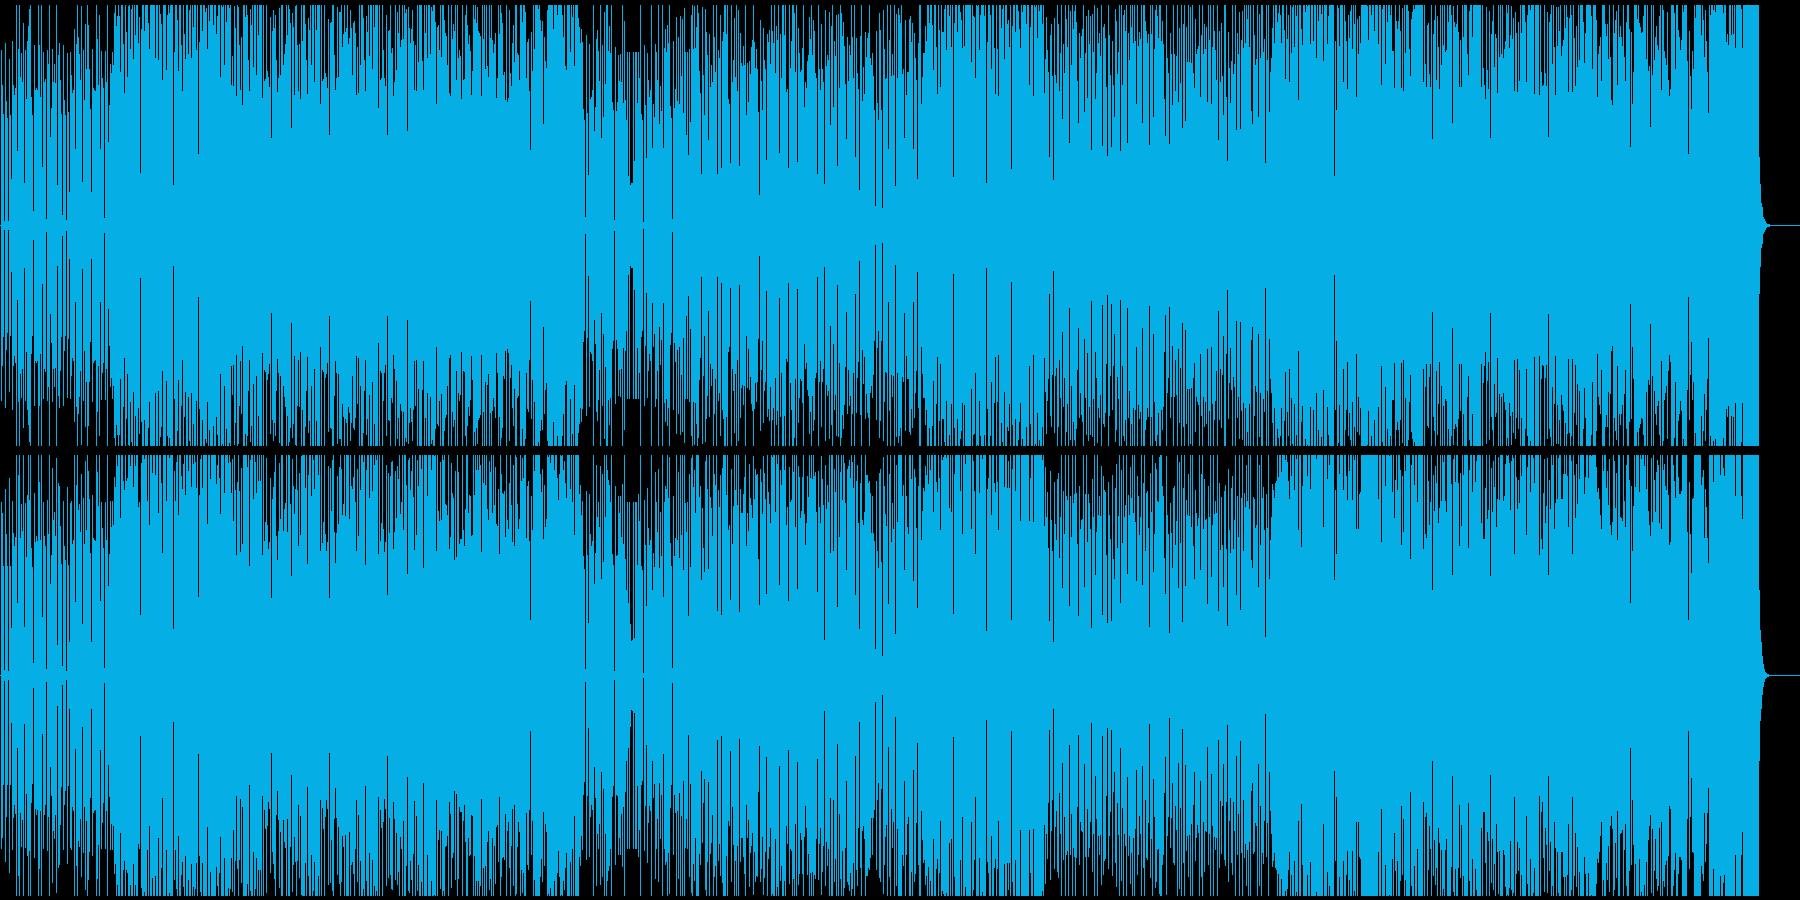 勇ましい雰囲気のビッグバンド編成ブルースの再生済みの波形